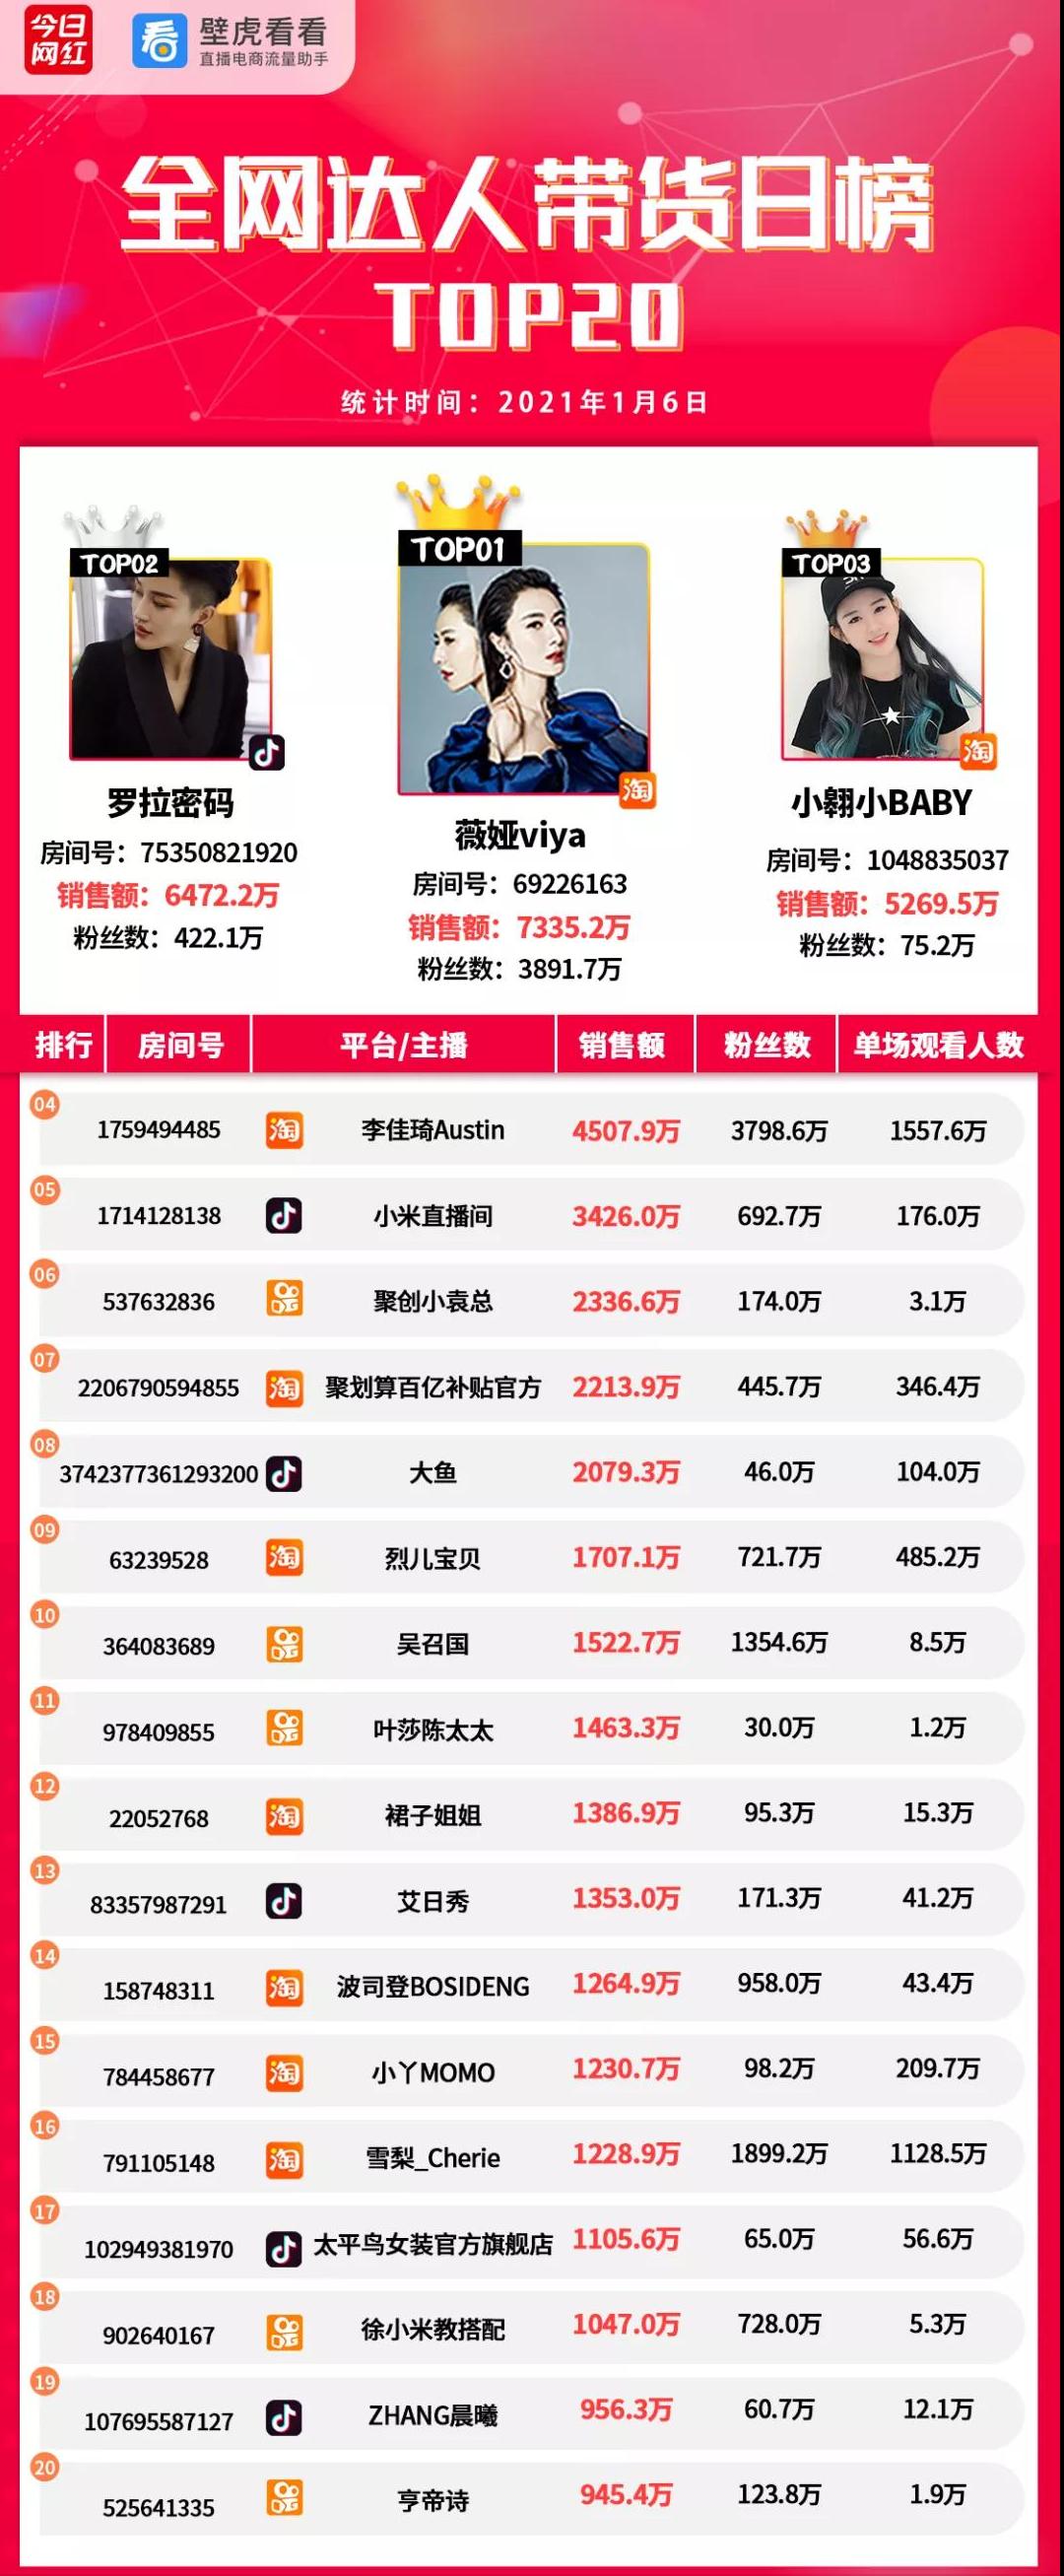 带货榜(1.6)辛巴徒弟宣布将回归带货;薇娅7335万夺冠